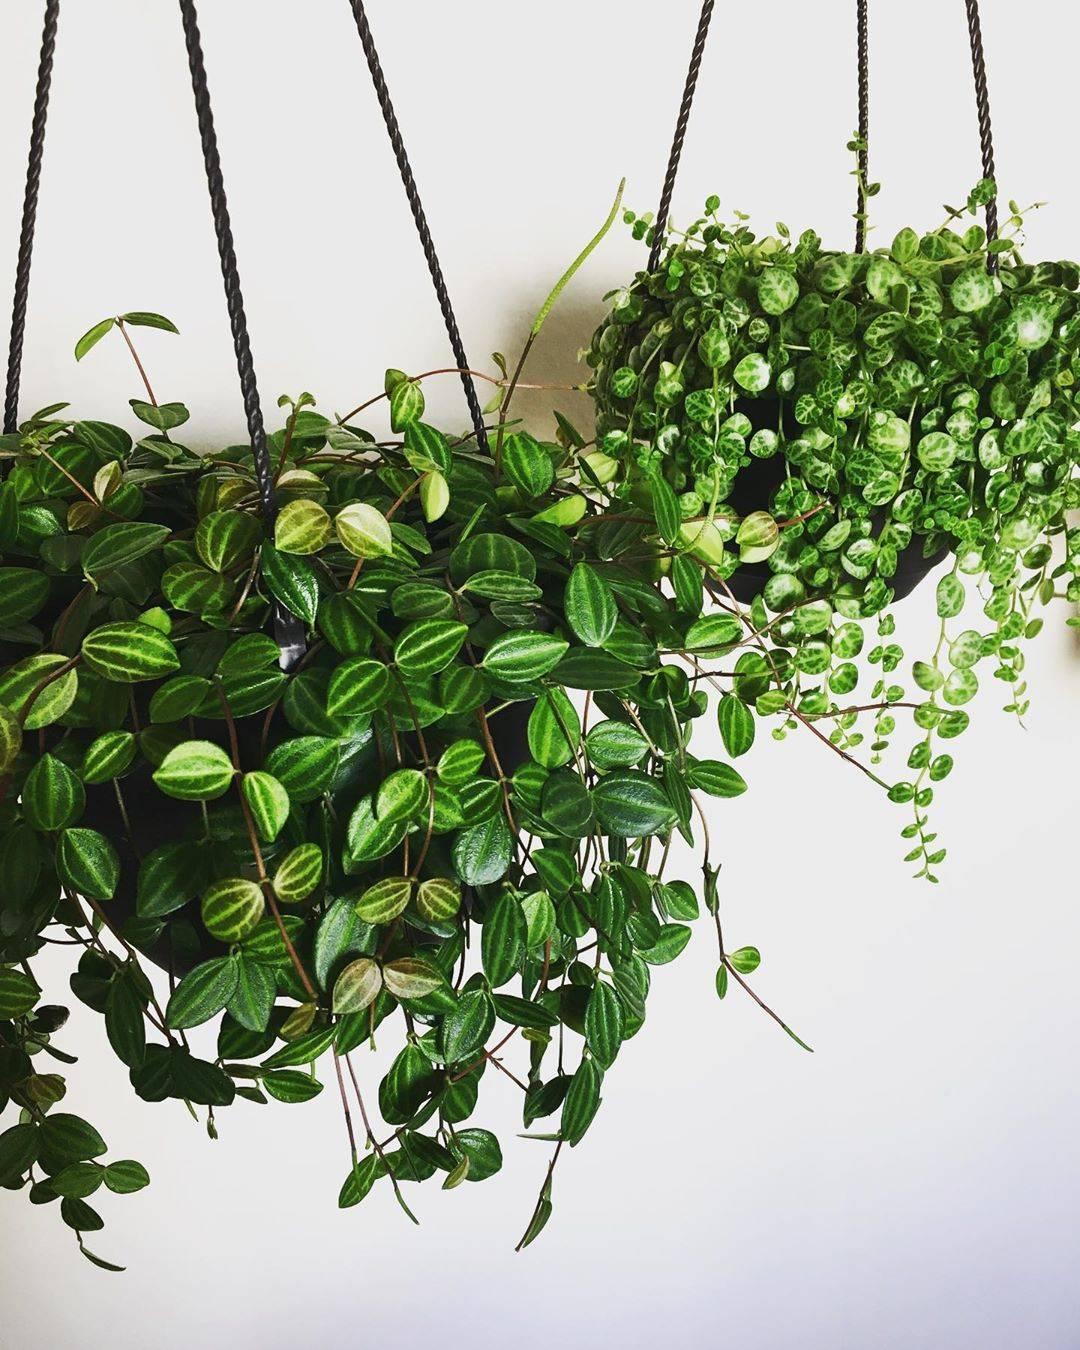 Комнатные вьющиеся растения и цветы для домашнего выращивания: названия и описания